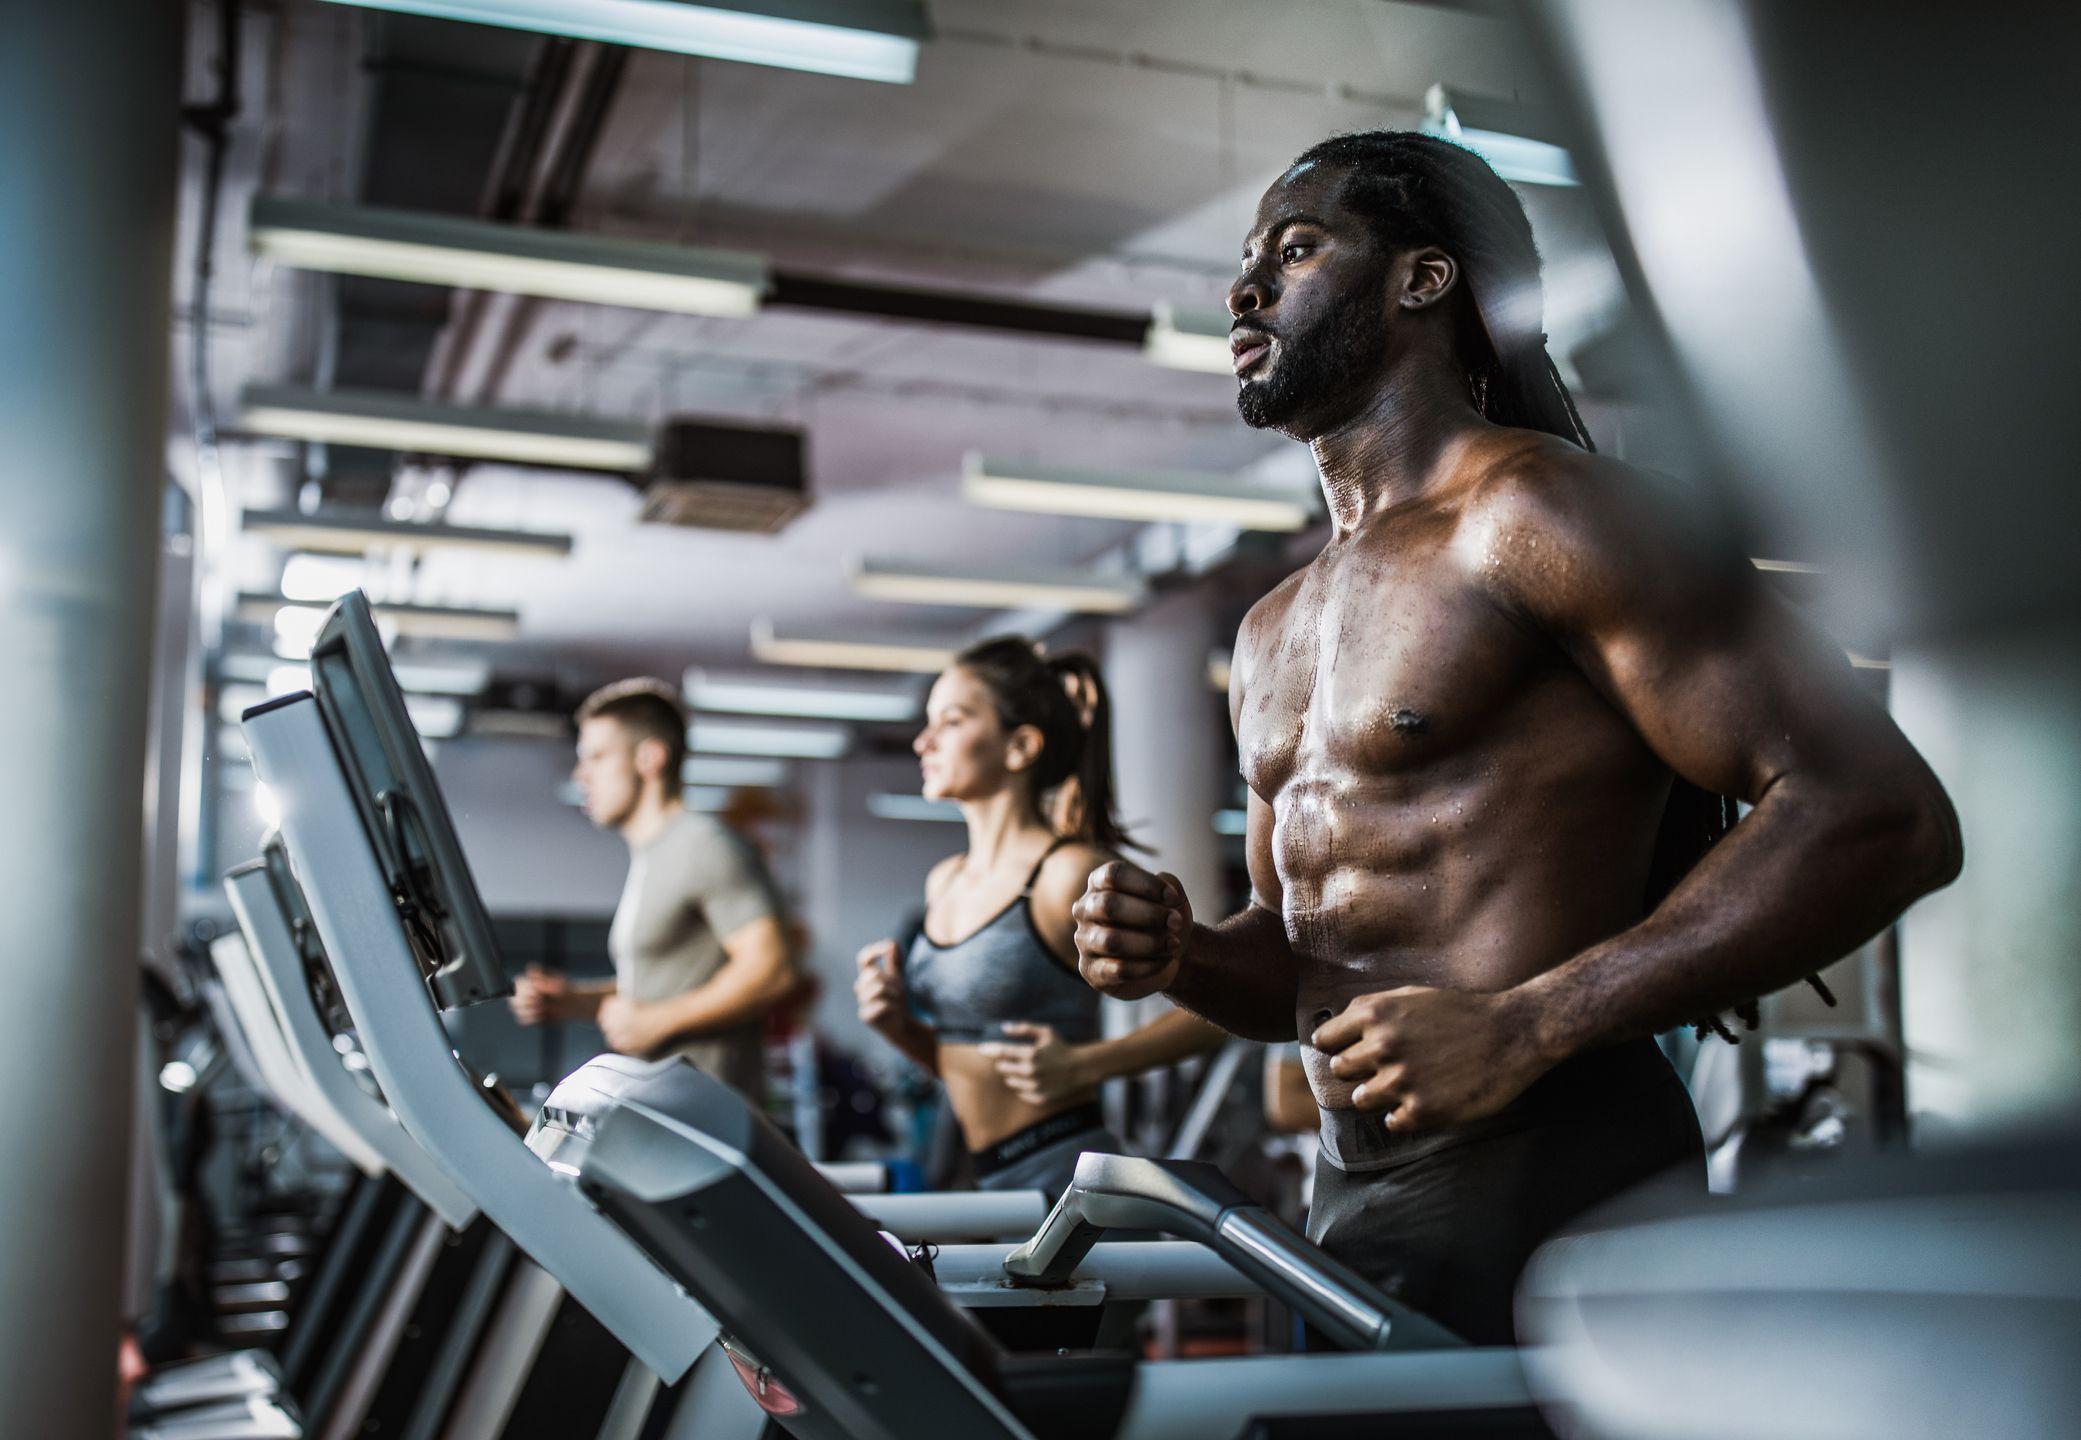 gambar 2 - manfaat treadmill untuk bentuk otot